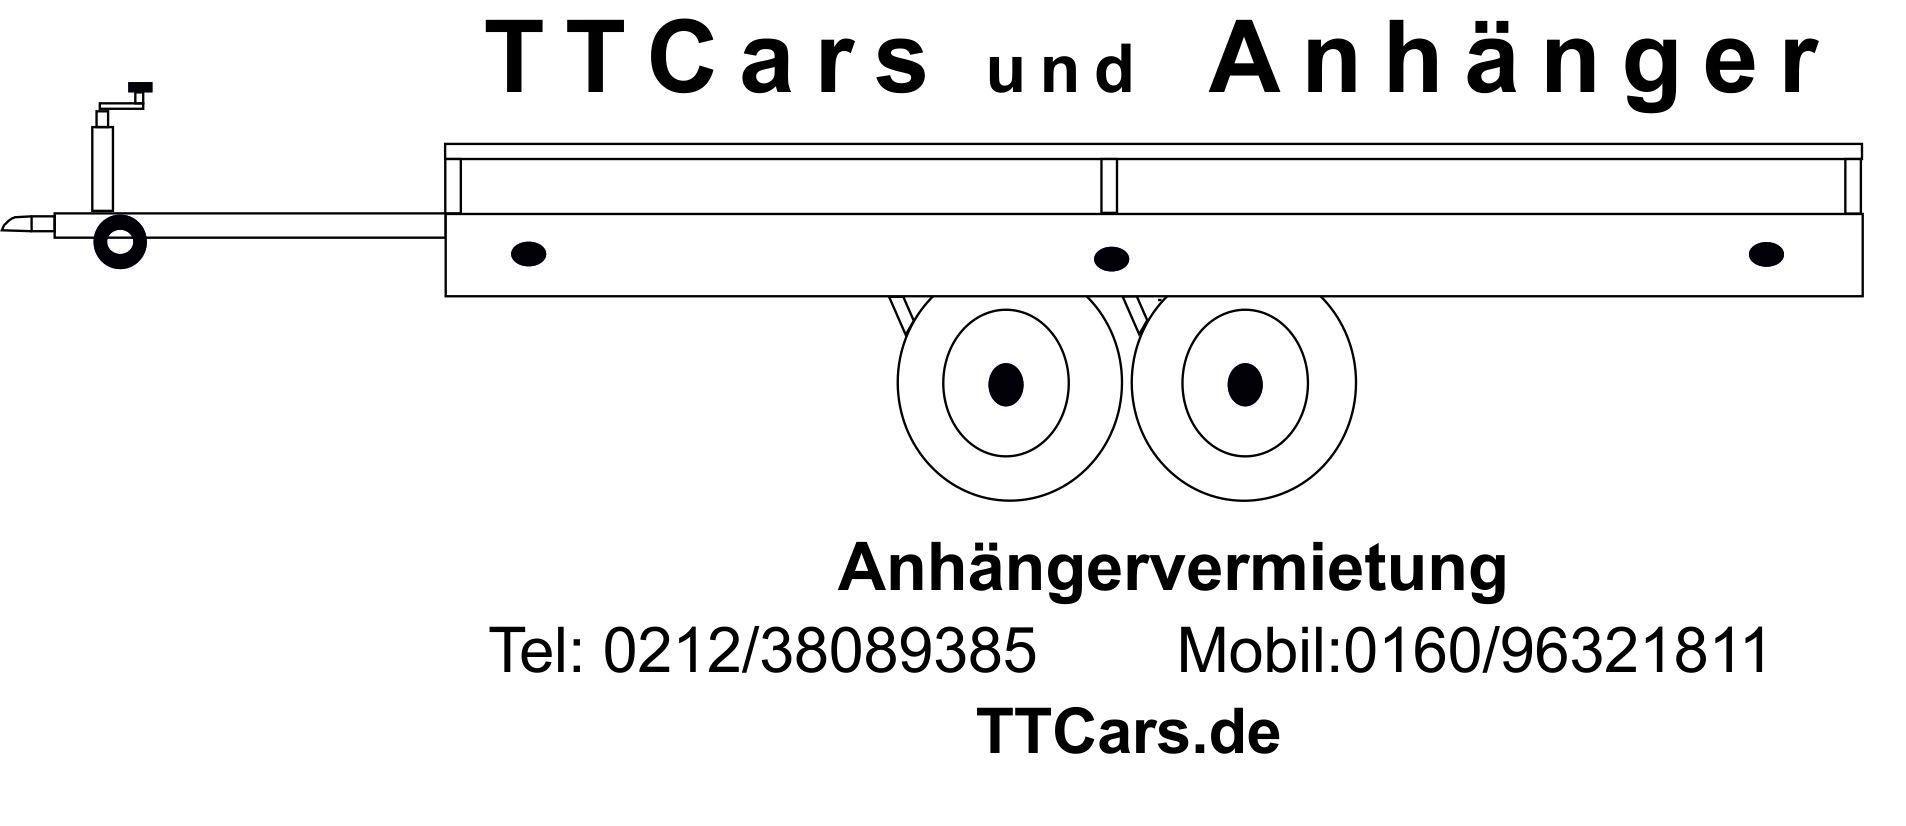 Wunderbar Anhänger Anschlussplan Bilder - Die Besten Elektrischen ...